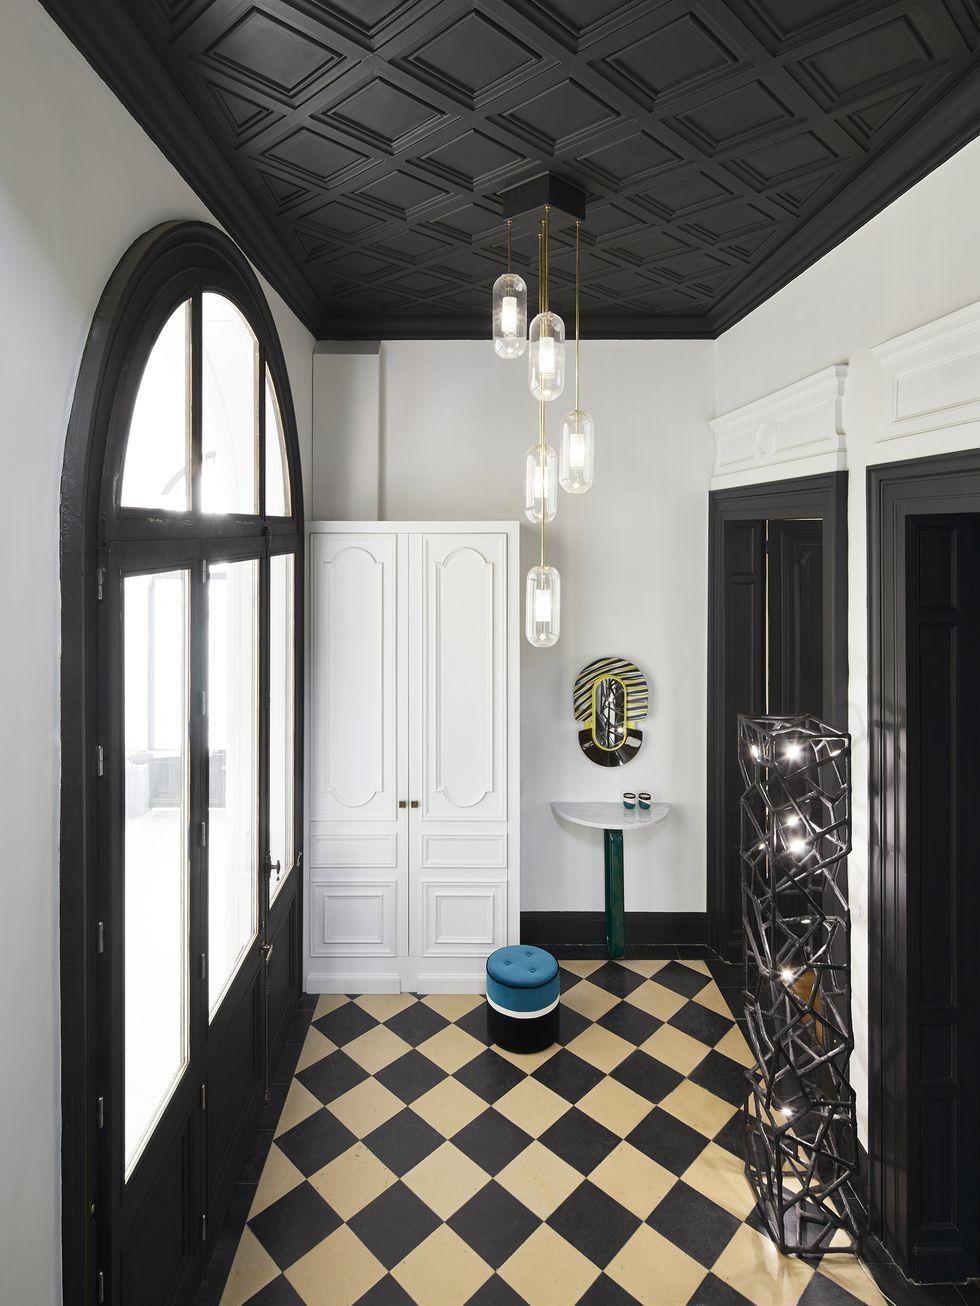 Una casa señorial en París renovada  Casas, Decoración de unas y